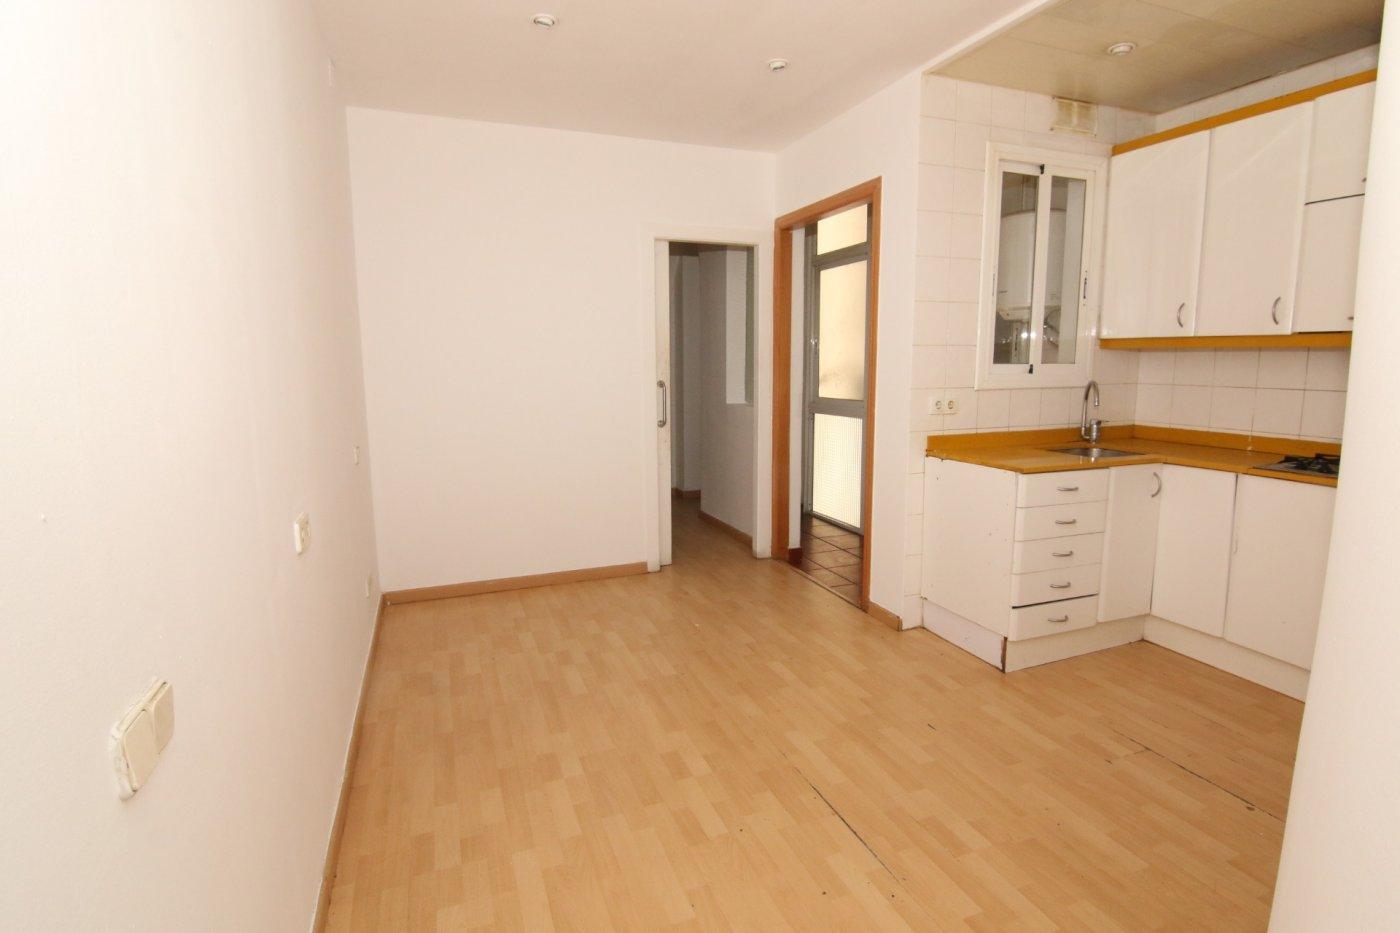 Etagenwohnung  Barcelona ,hostafrancs. Se vende piso en barcelona, zona hostafrancs